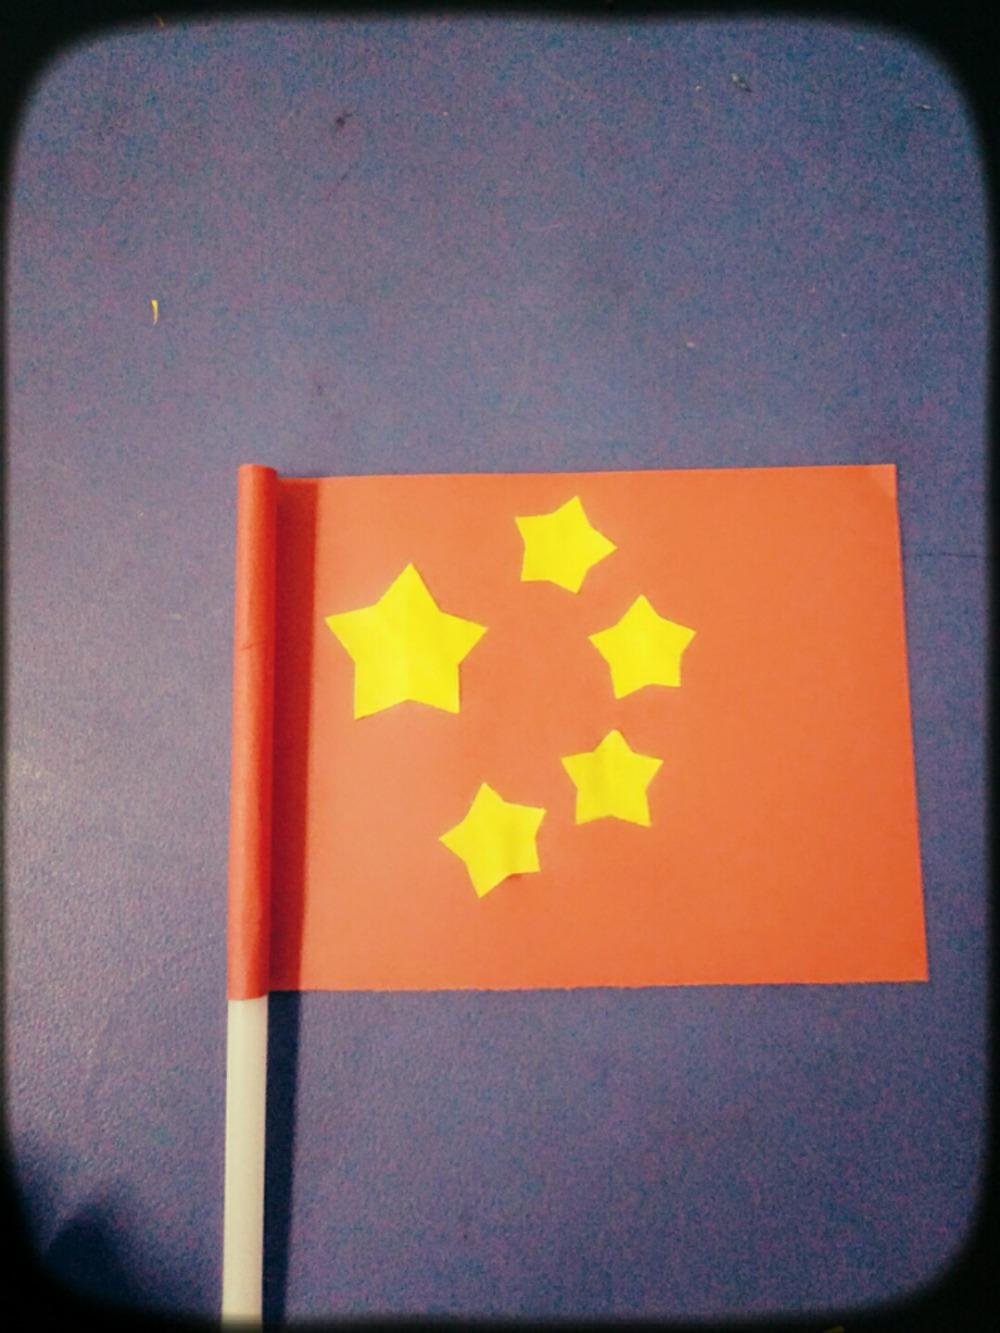 国庆节来临,做个小国旗吧